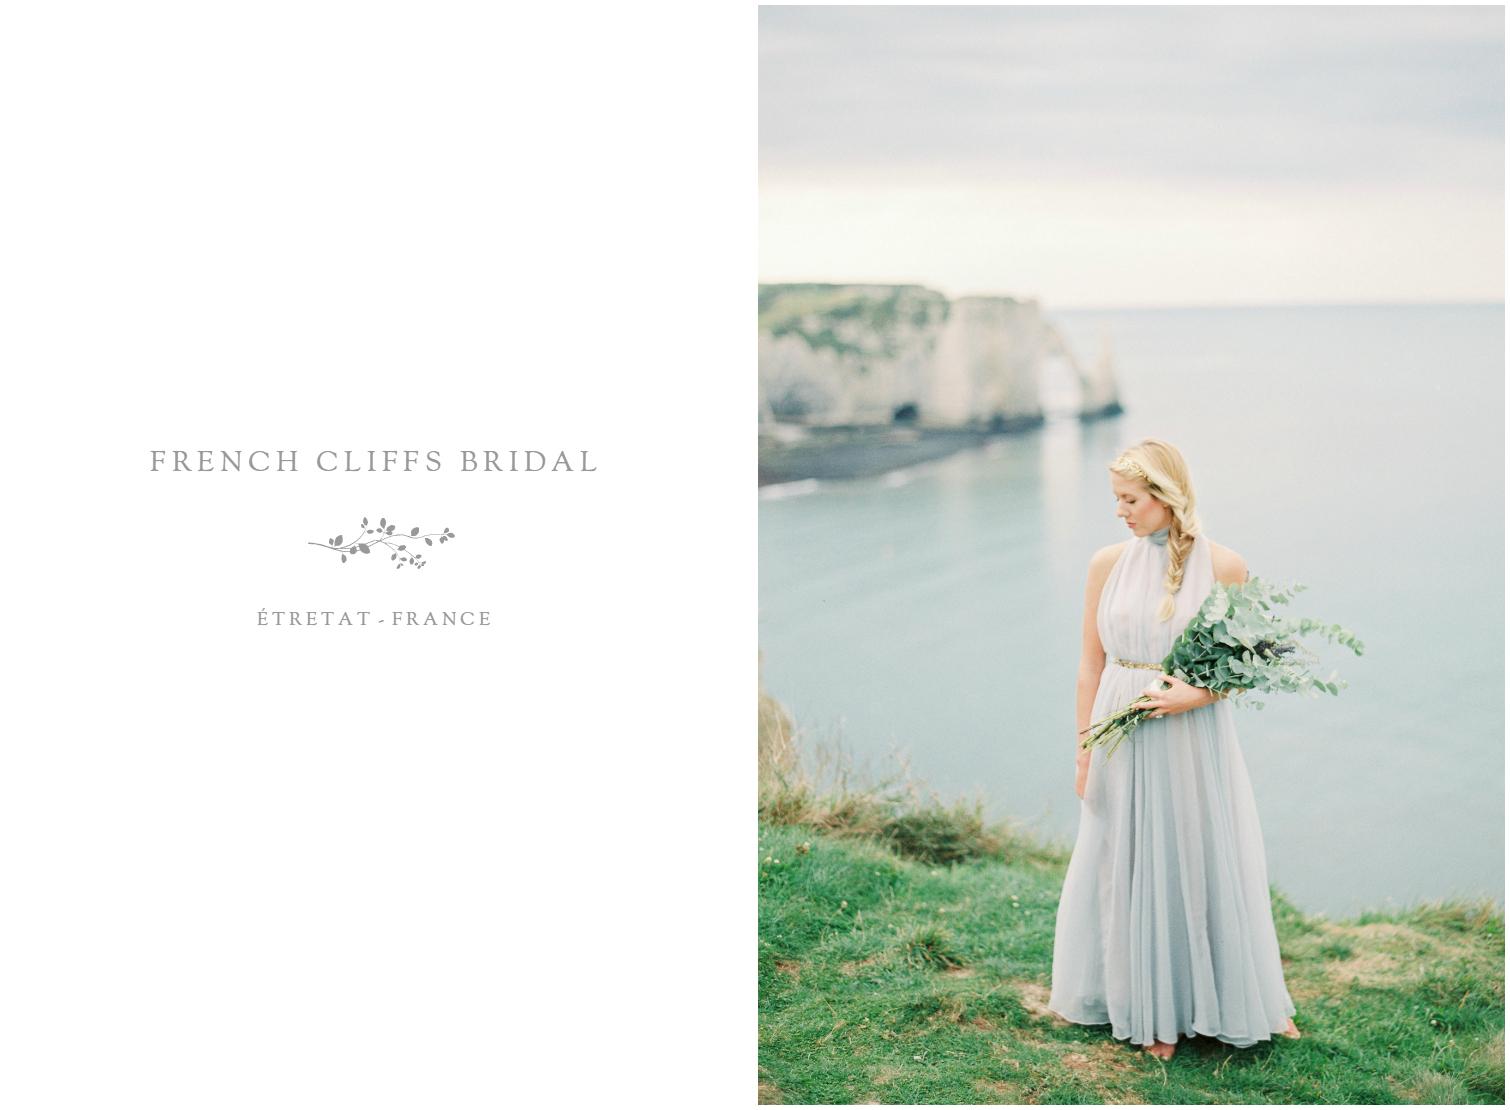 ©celine-chhuon-french-cliffs-bridal-editorial1.jpg